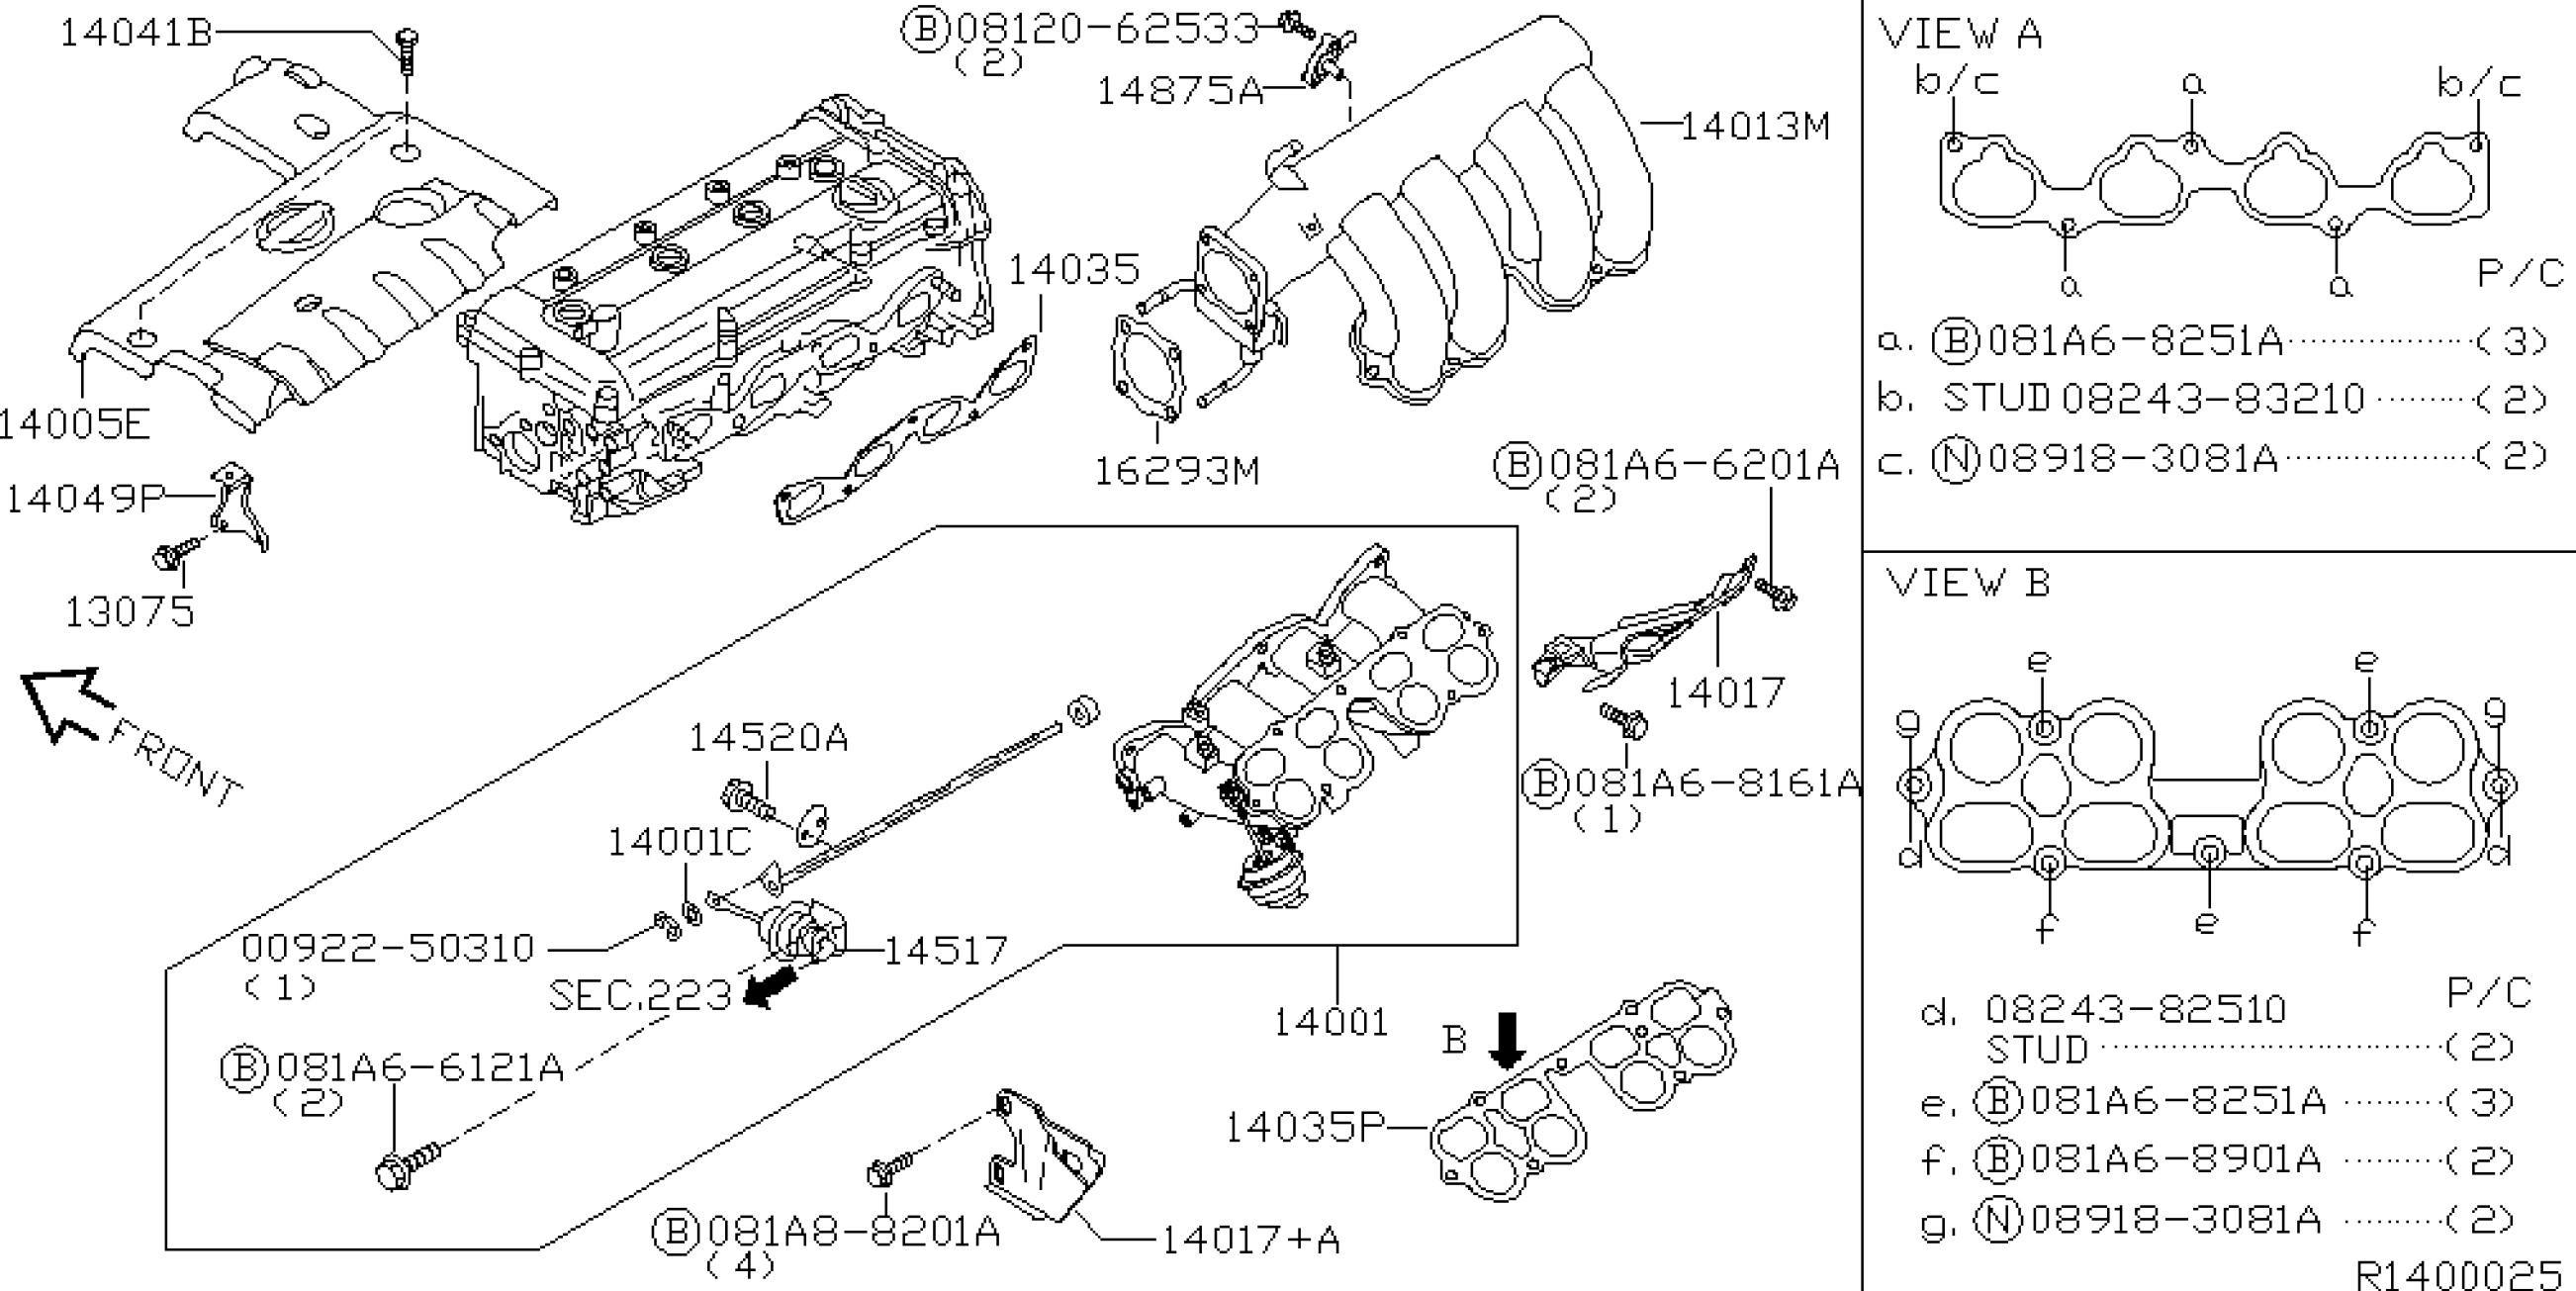 93 nissan d21 fuse box diagram